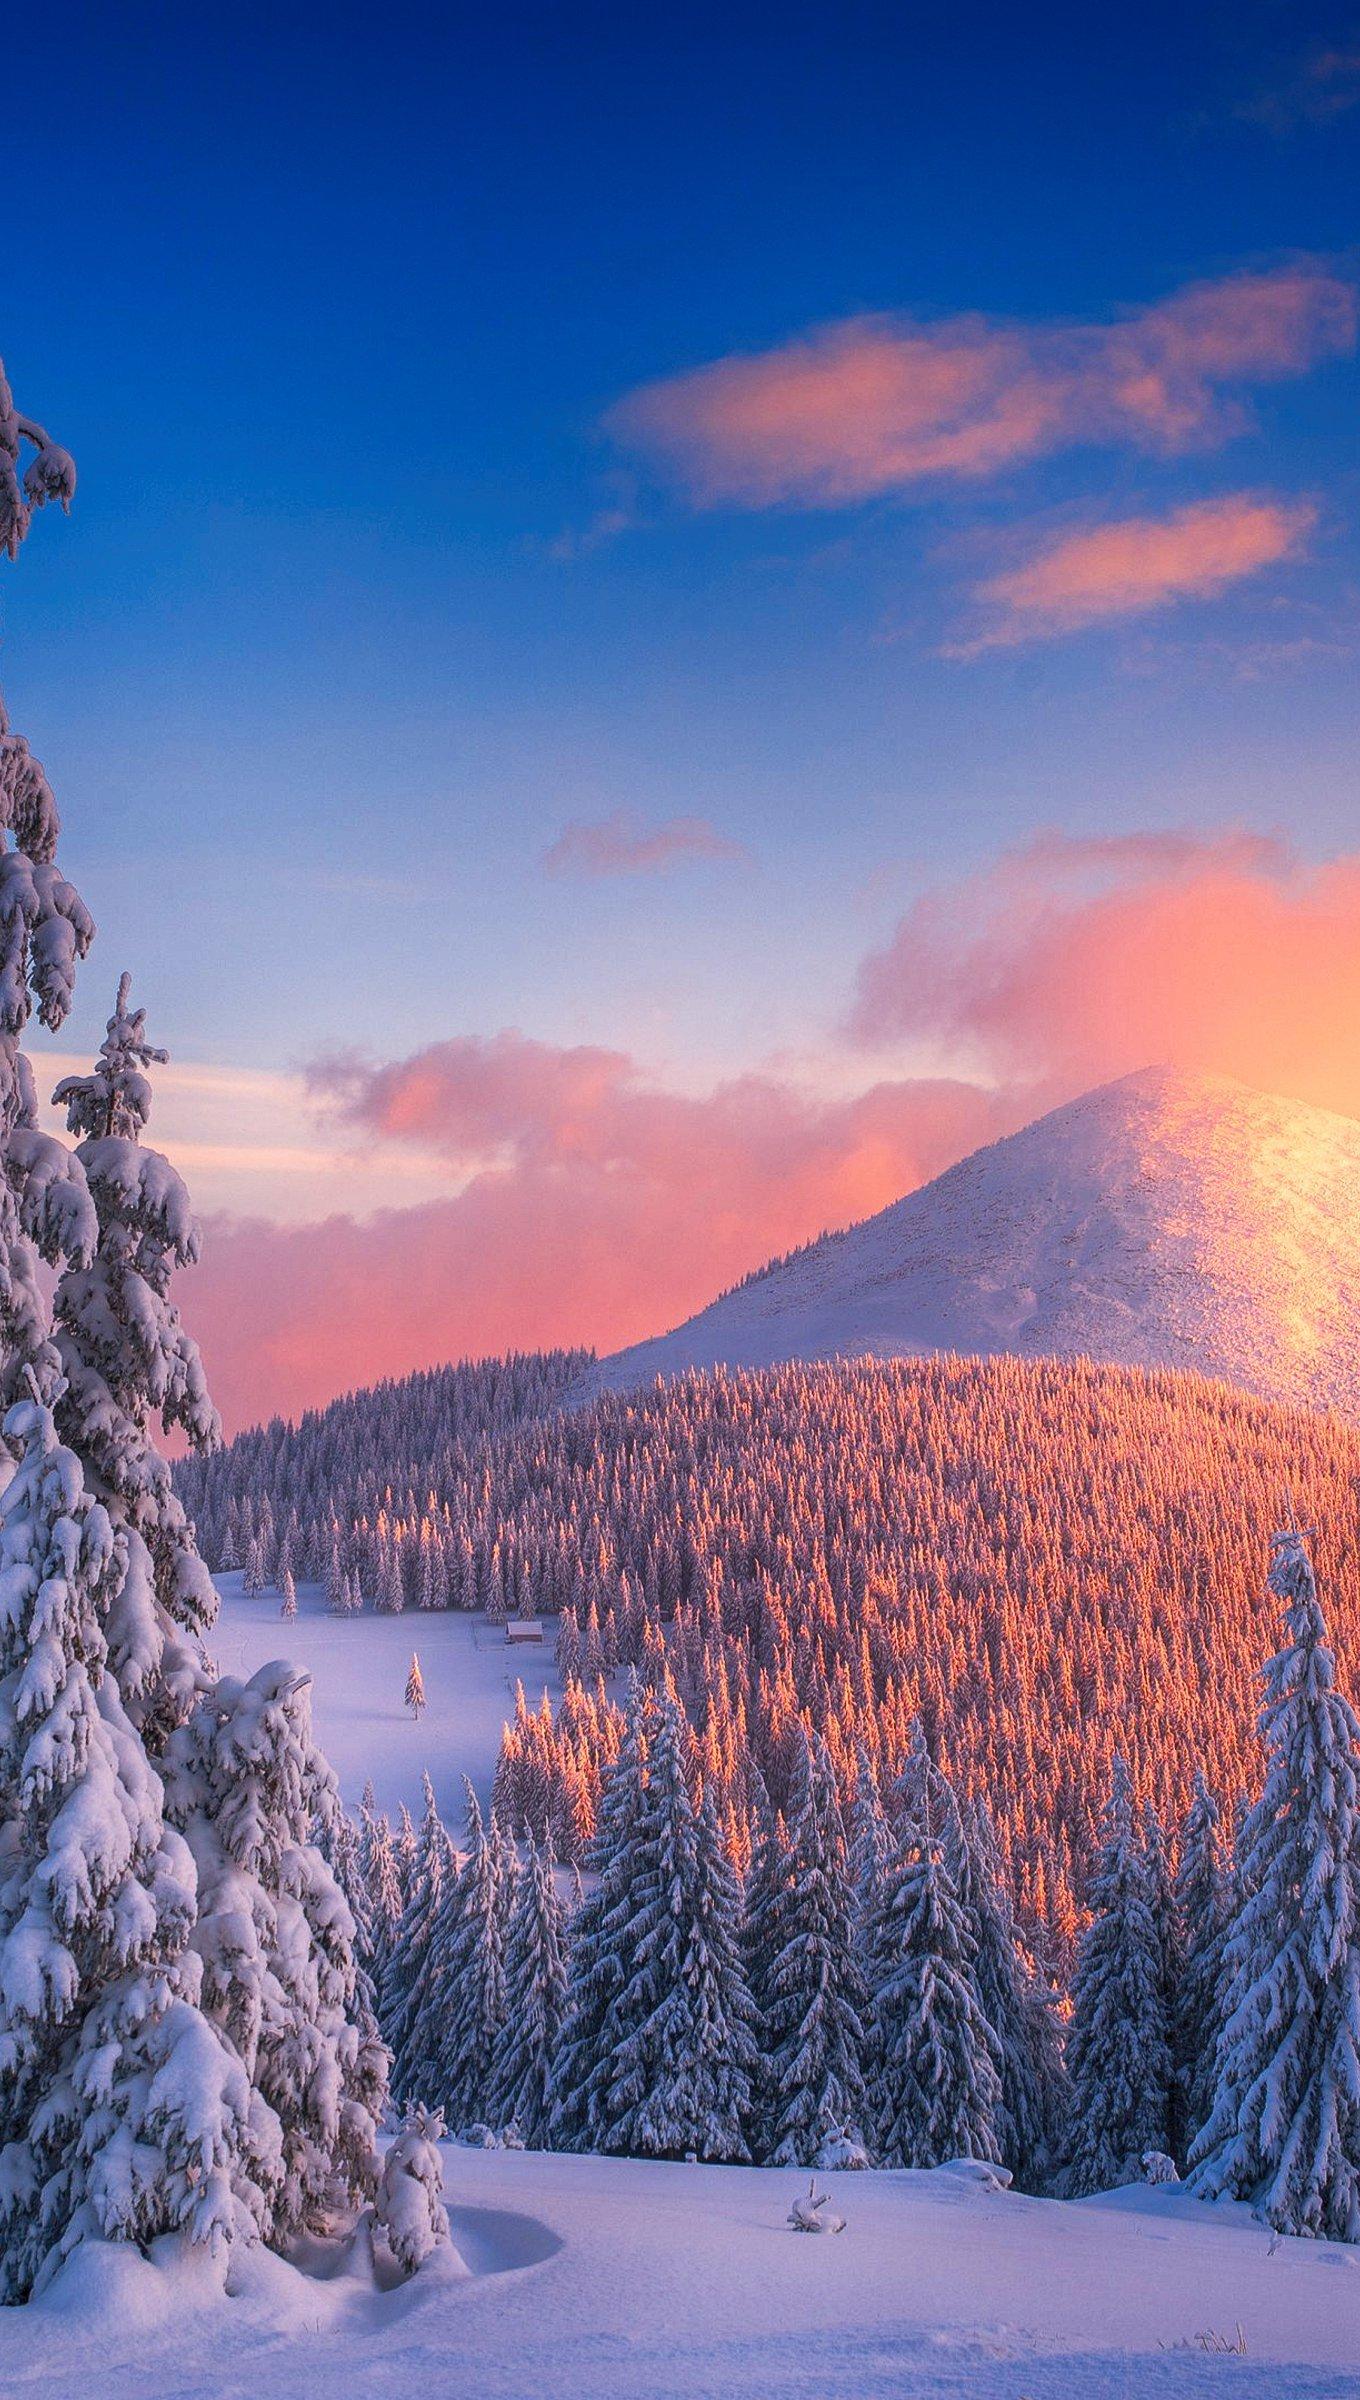 Fondos de pantalla Pinos con nieve al atardecer en las montañas Vertical